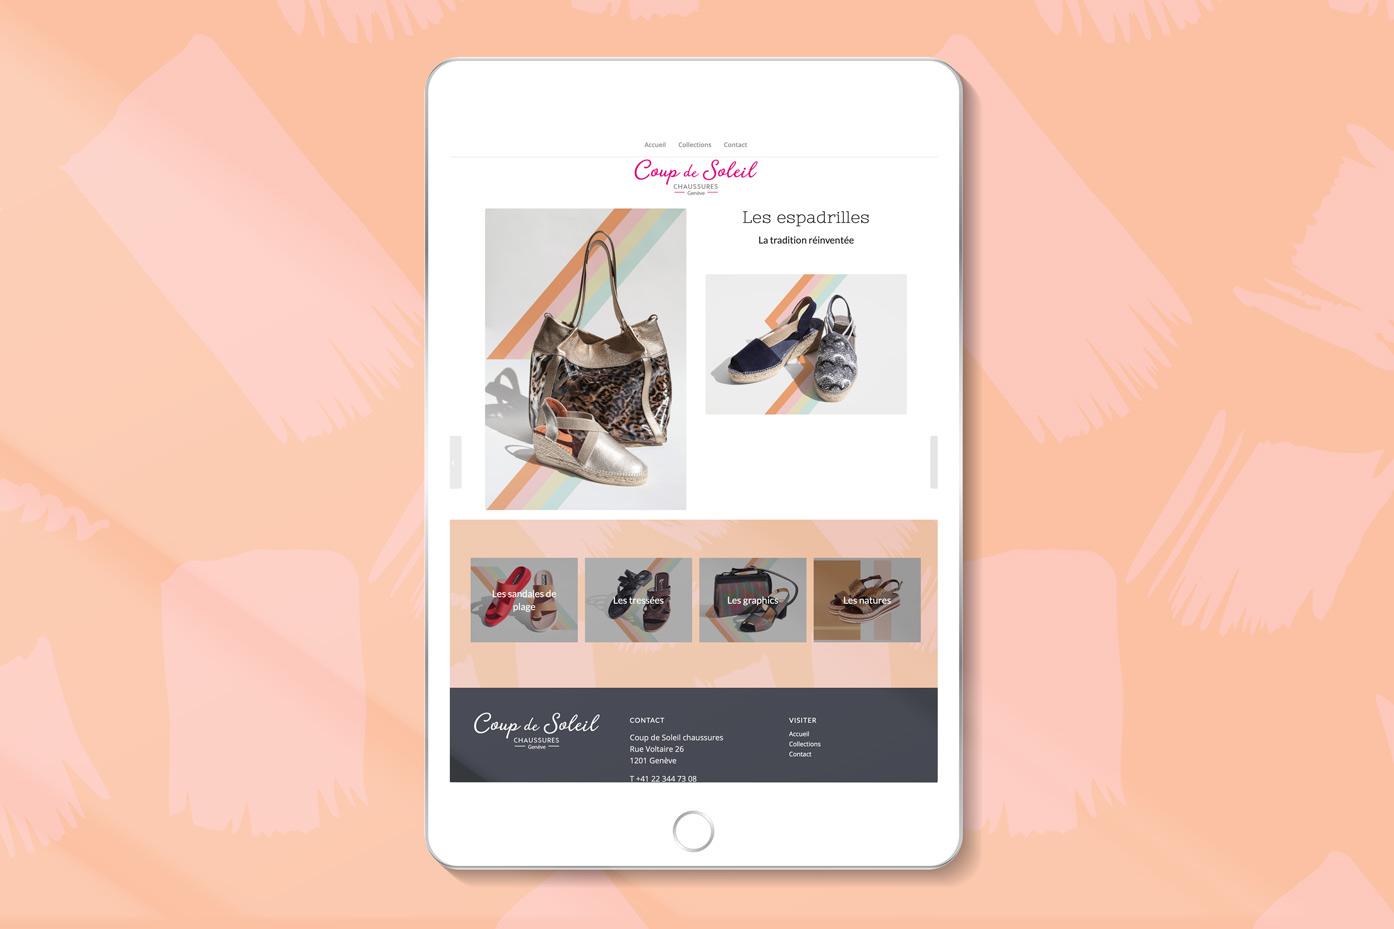 Web-Design-Boutique-Coup-de-Soleil-Atelier-Sophie-Jaton